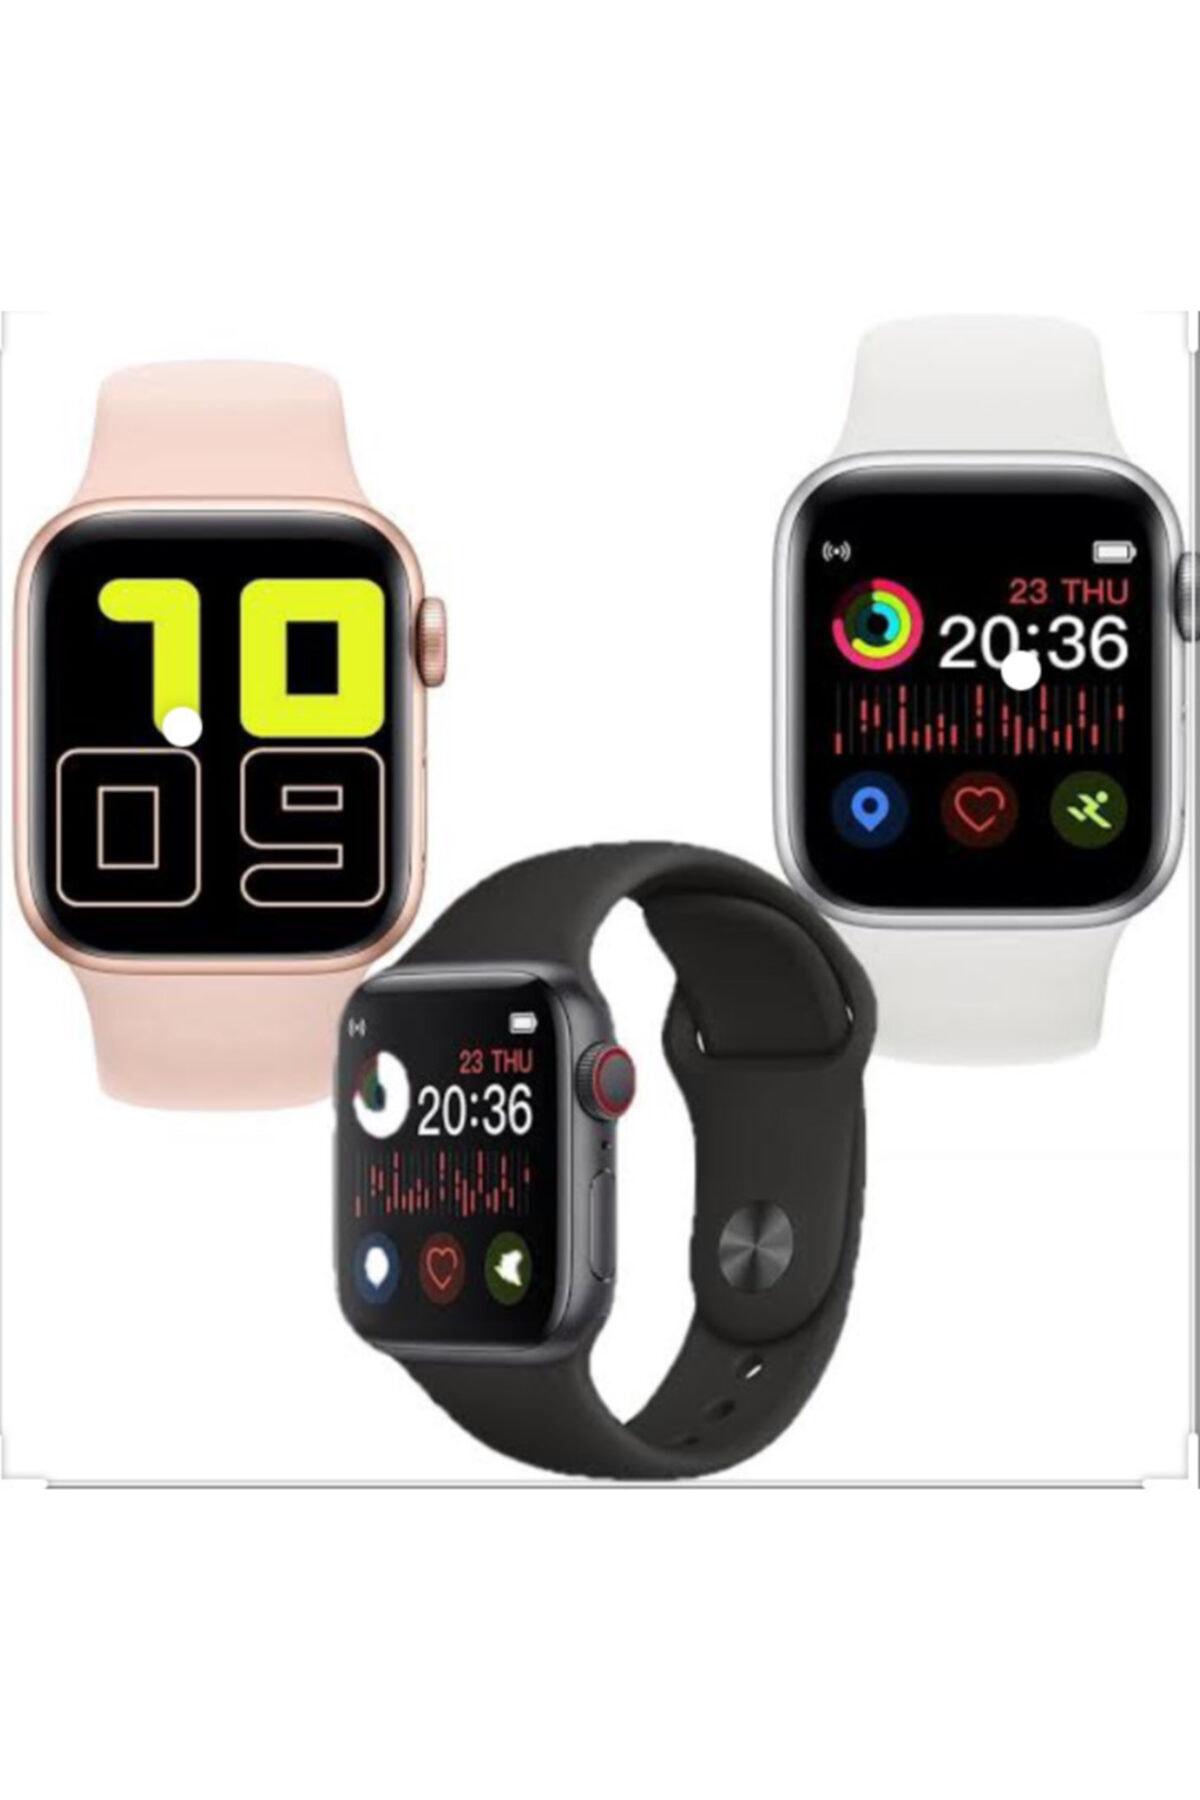 Fulltech Apple Watch5 T500 Serıes Fsw-3 1